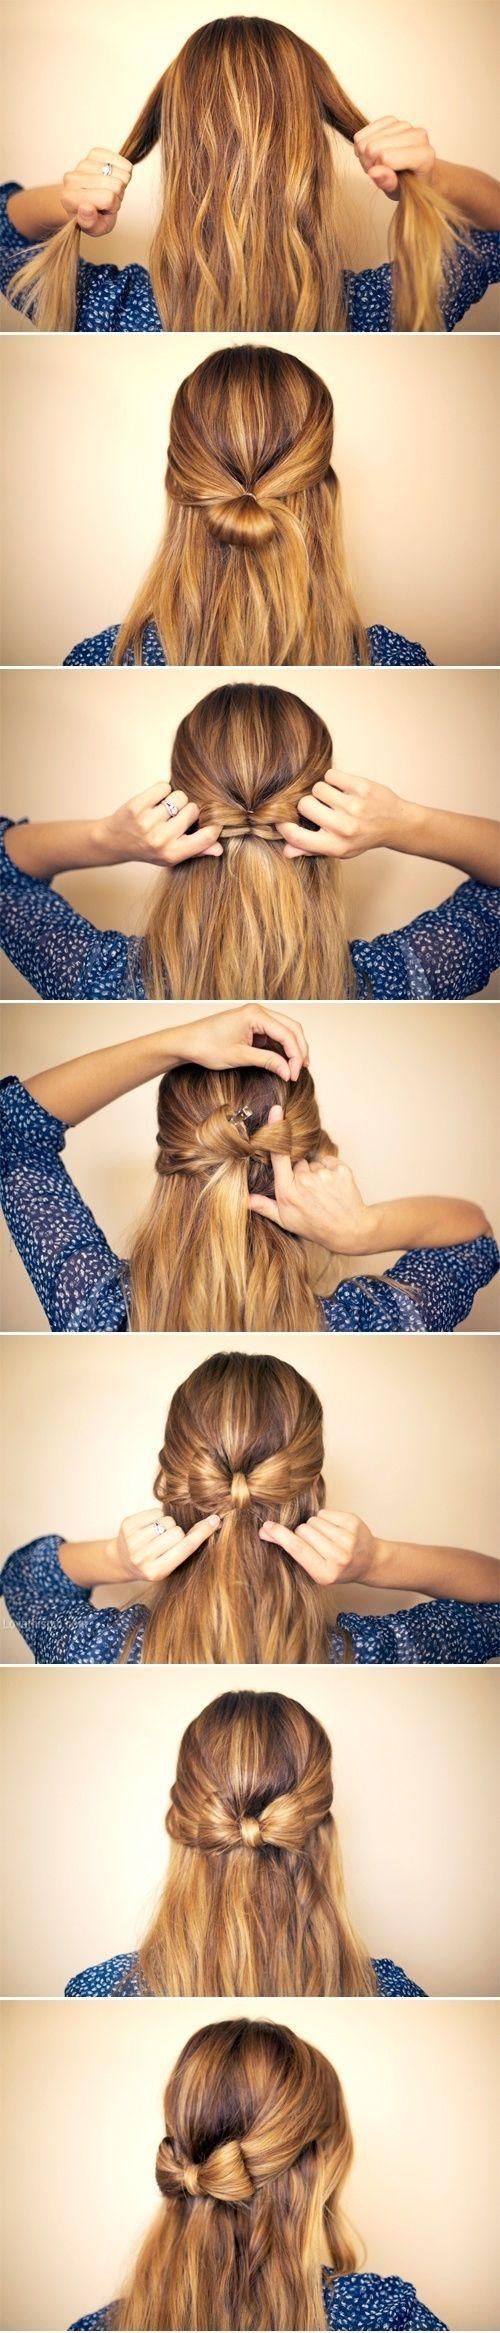 fiocco coi capelli